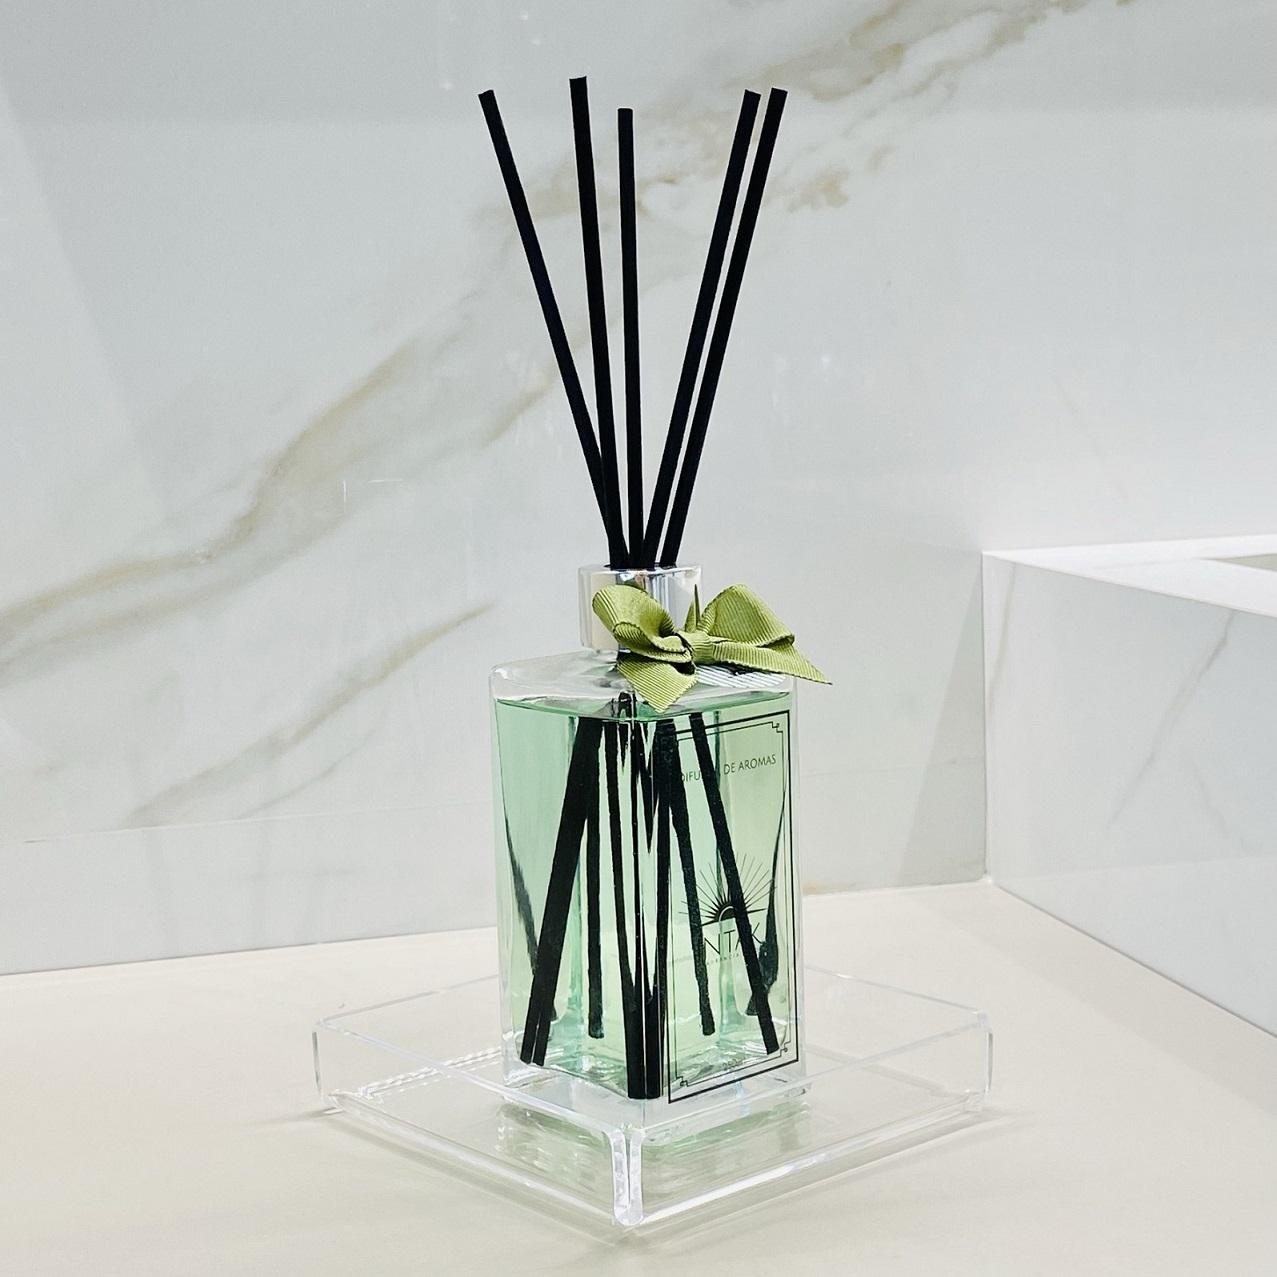 Kit Difusor de Aromas com Varetas 250ml e Bandeja em Acrílico - Alecrim